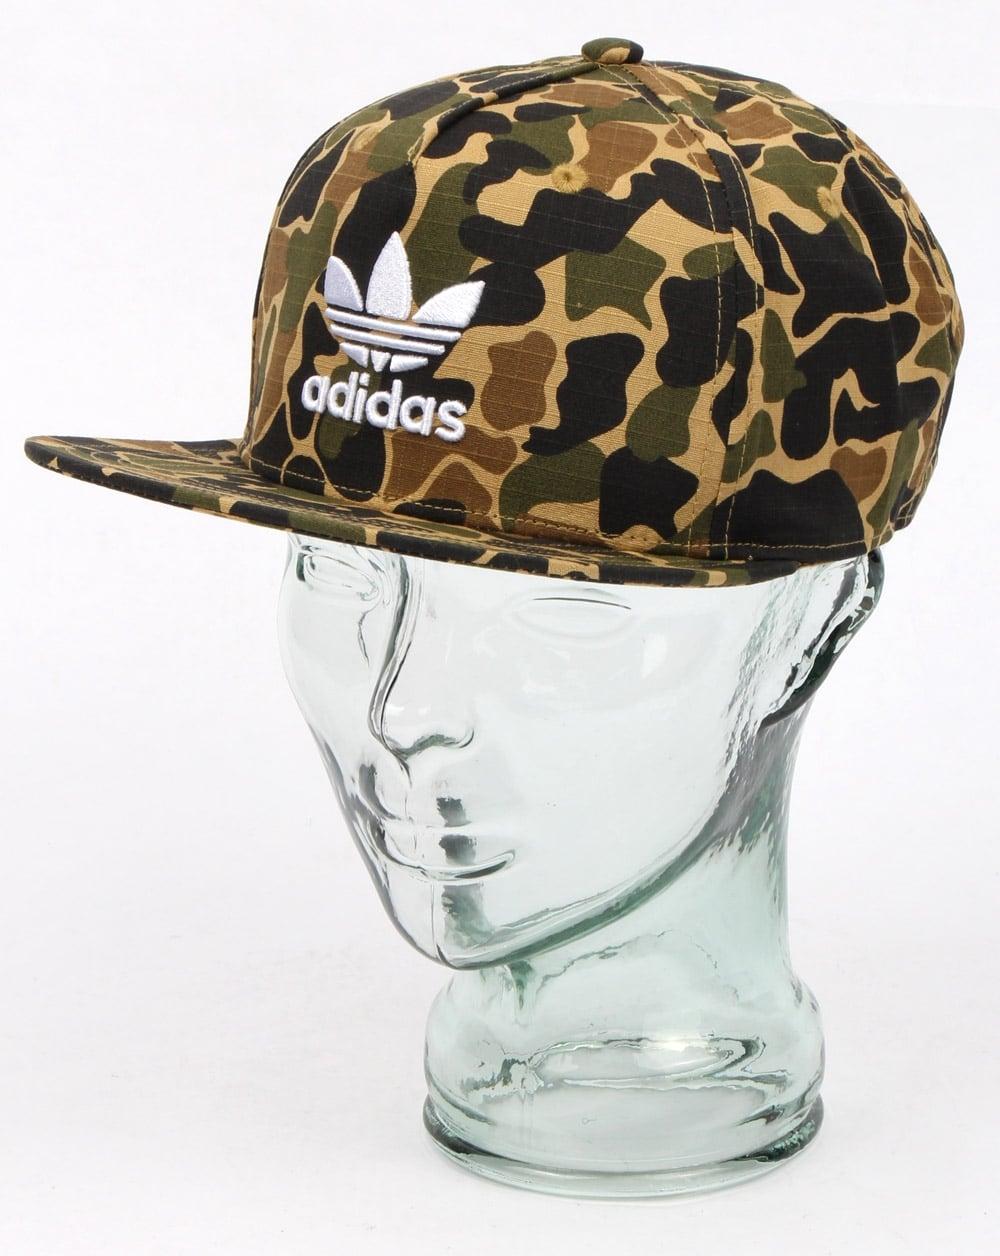 589d6cc2e6f adidas Originals Adidas Originals Camo Snapback Cap Dark Sahara